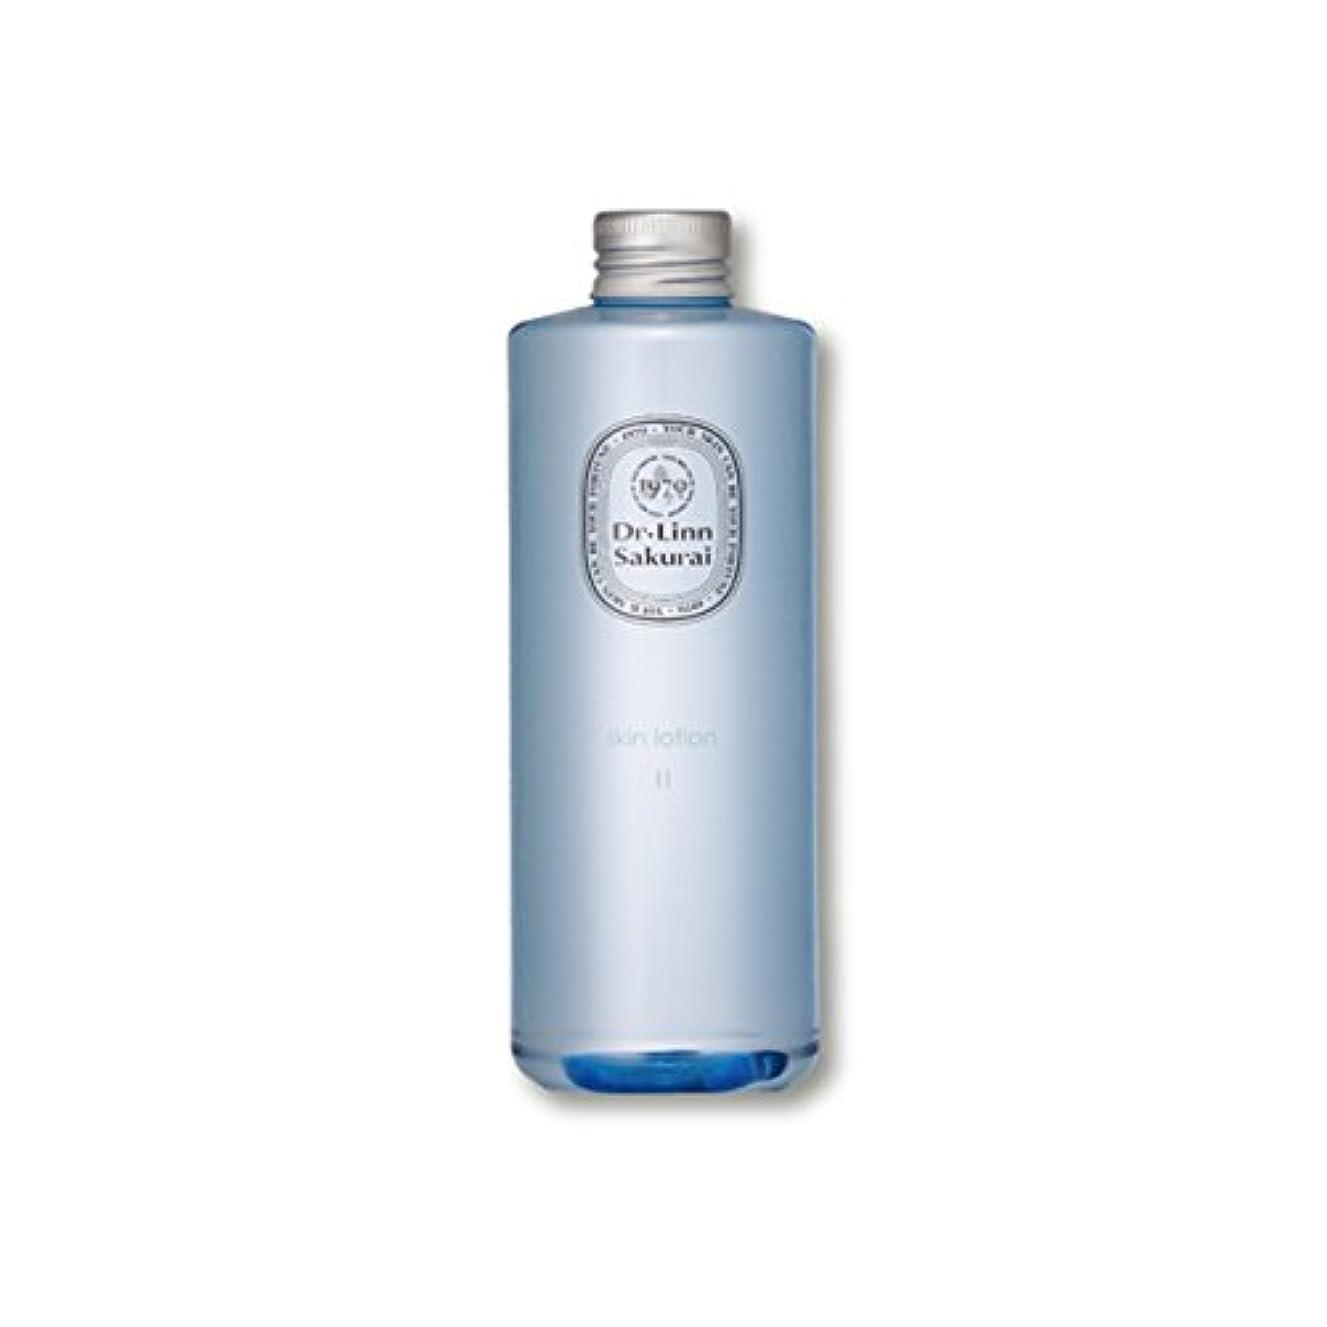 飲み込む祝う調整ドクターリンサクライ スキンローションII しっとりタイプ 300ml  (化粧水)